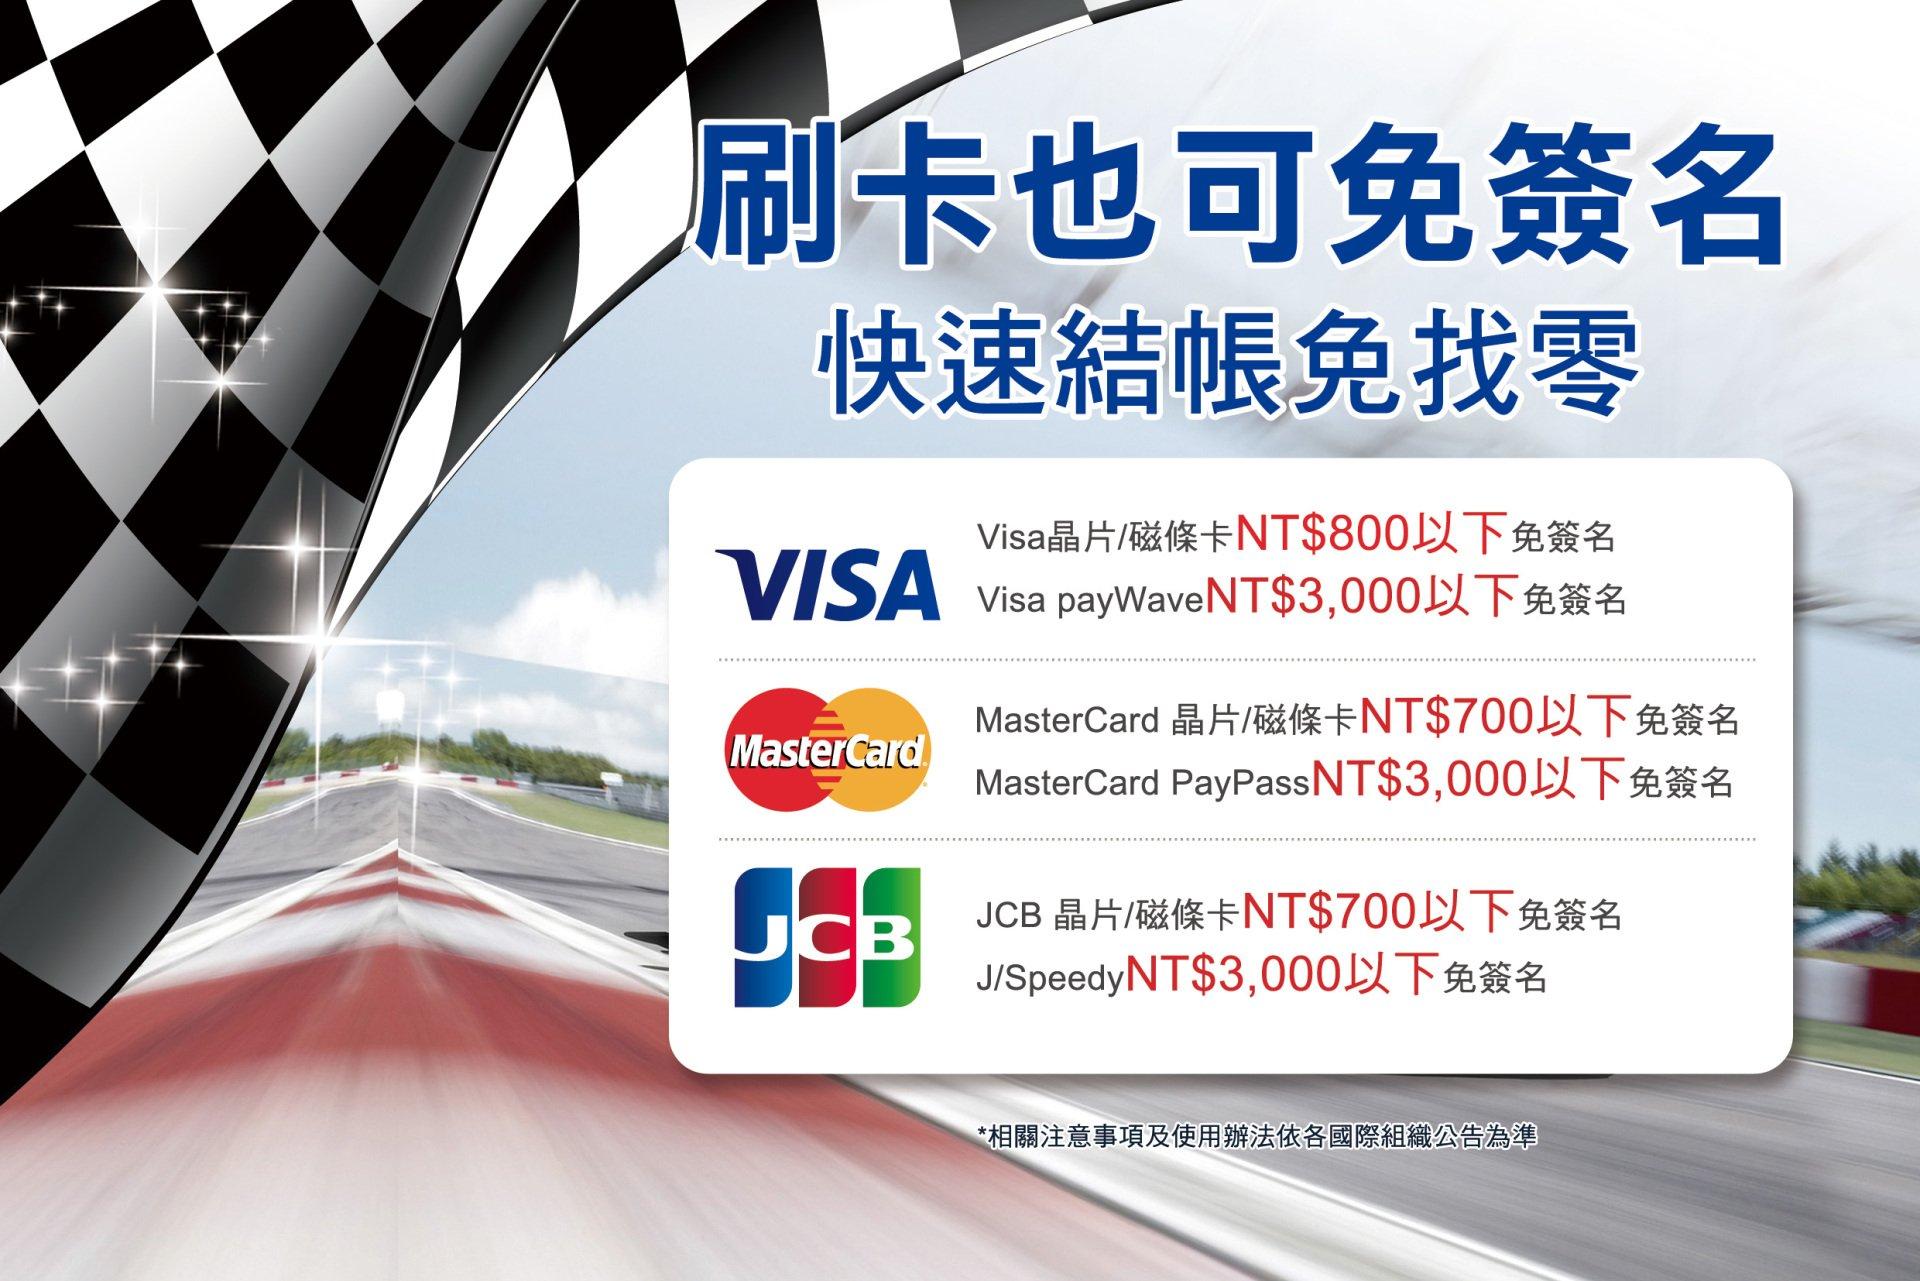 台新銀行-刷卡免簽名